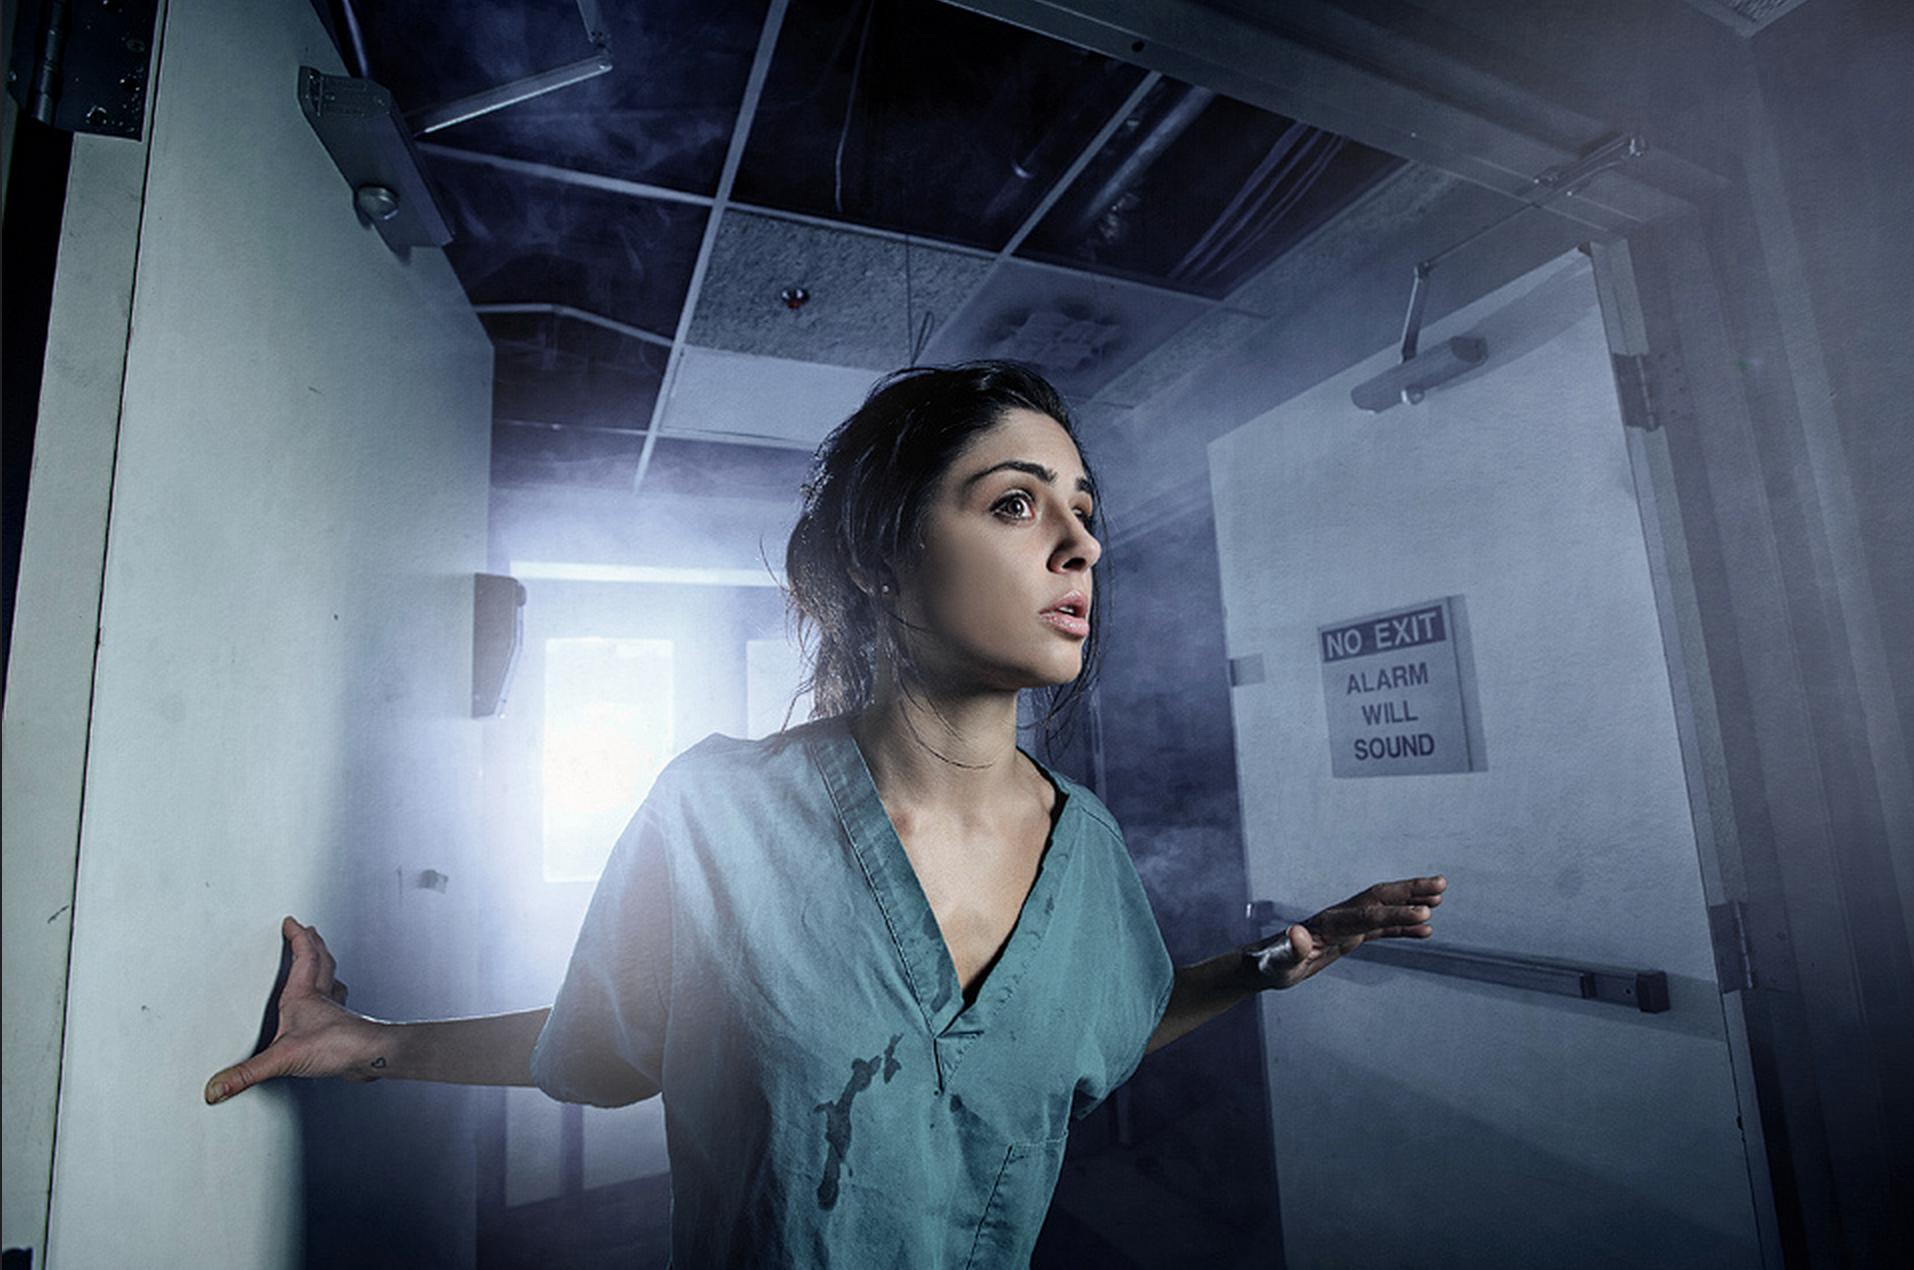 外科醫師的生活日常